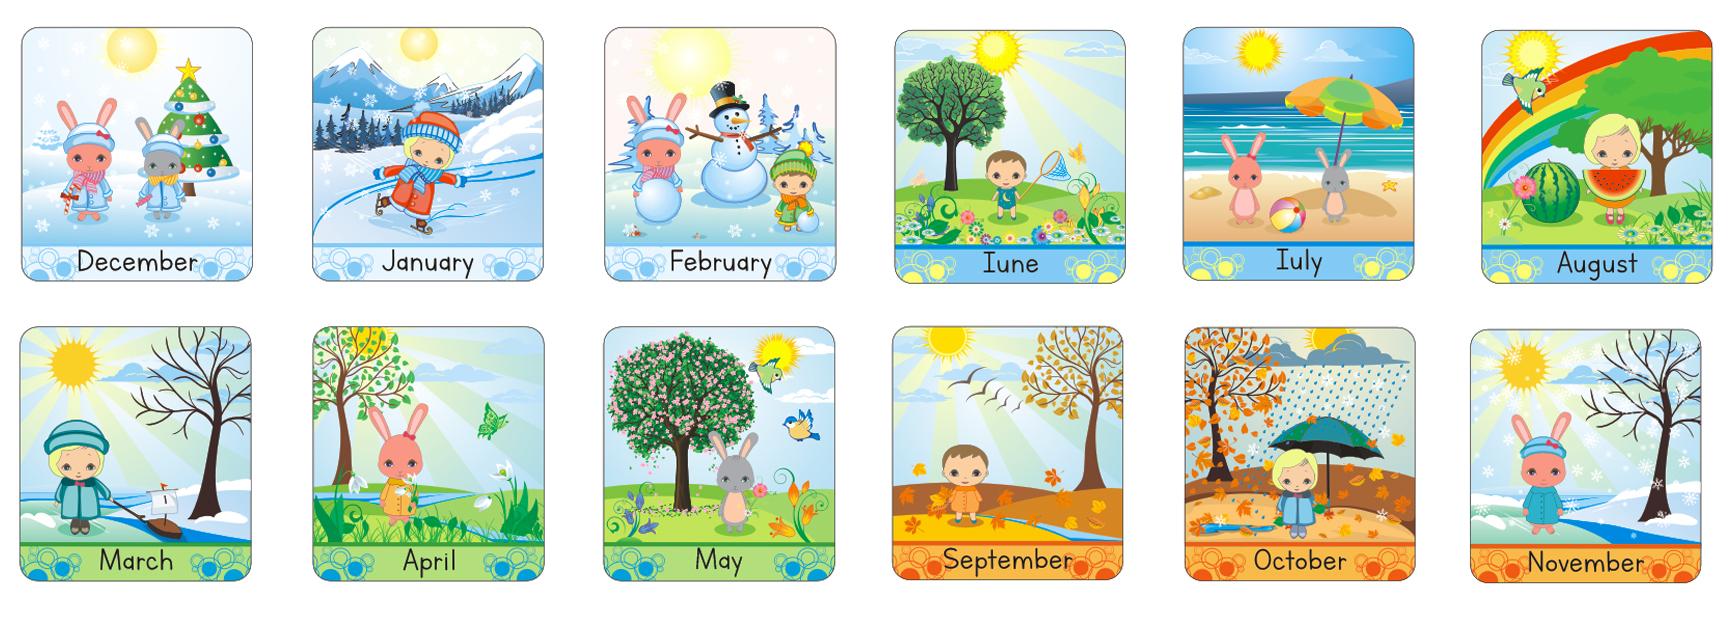 Иллюстрация для детского английского календаря. Месяцы. Вектор. (CorelDraw)